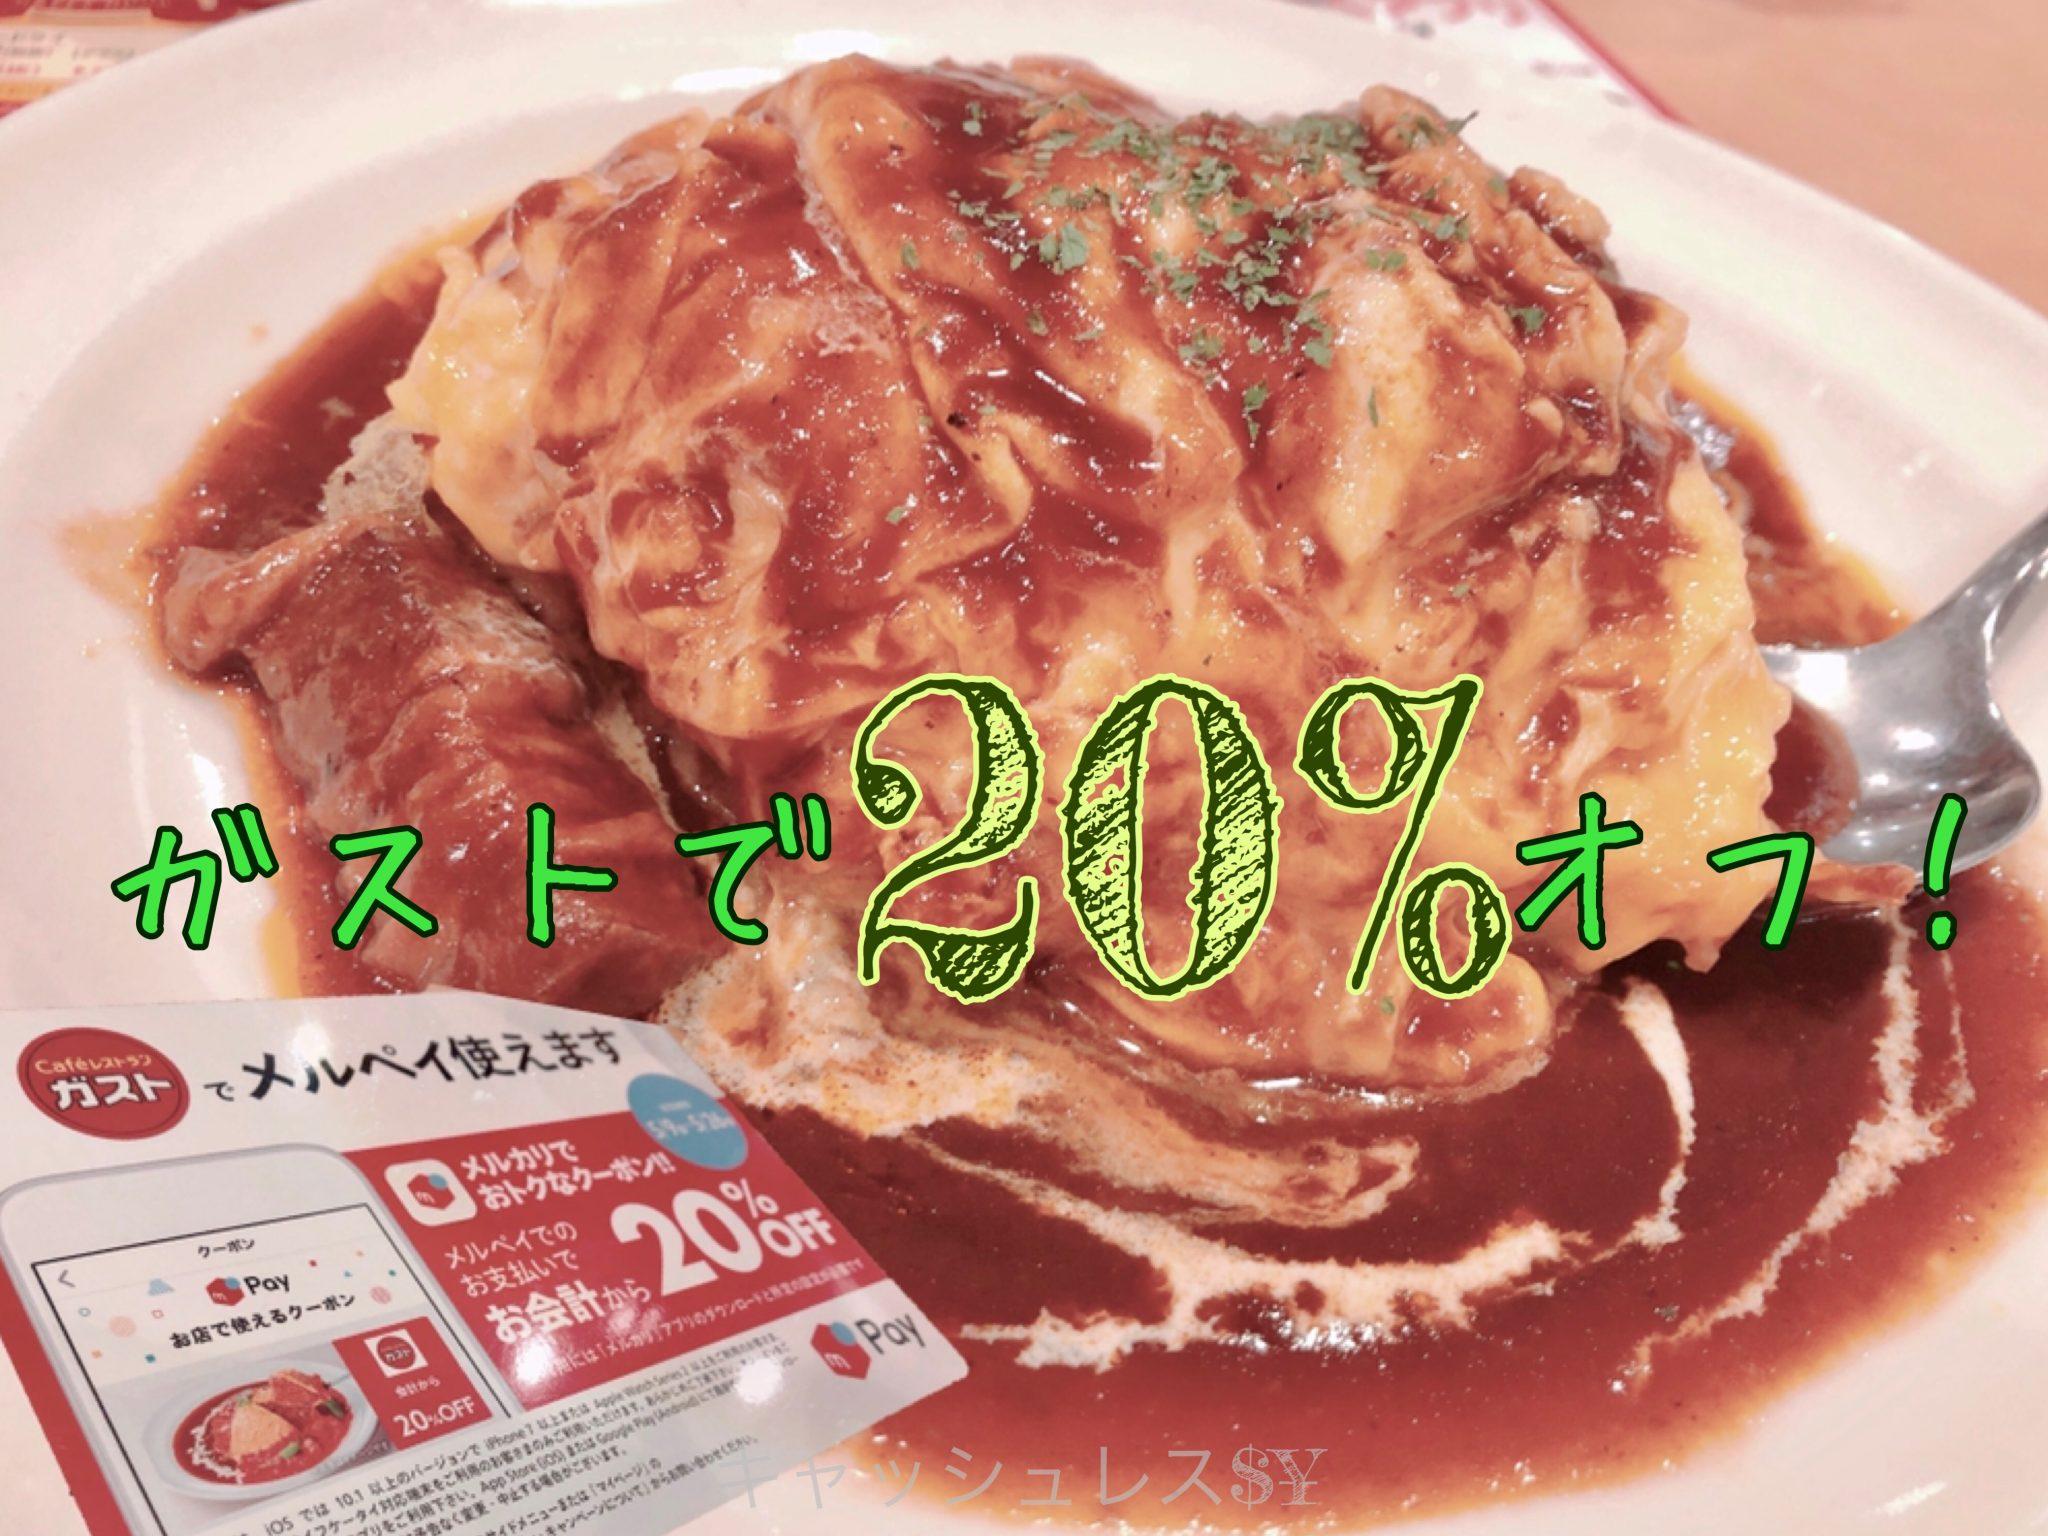 【メルペイクーポン】バーミヤンやガストで20%オフ!